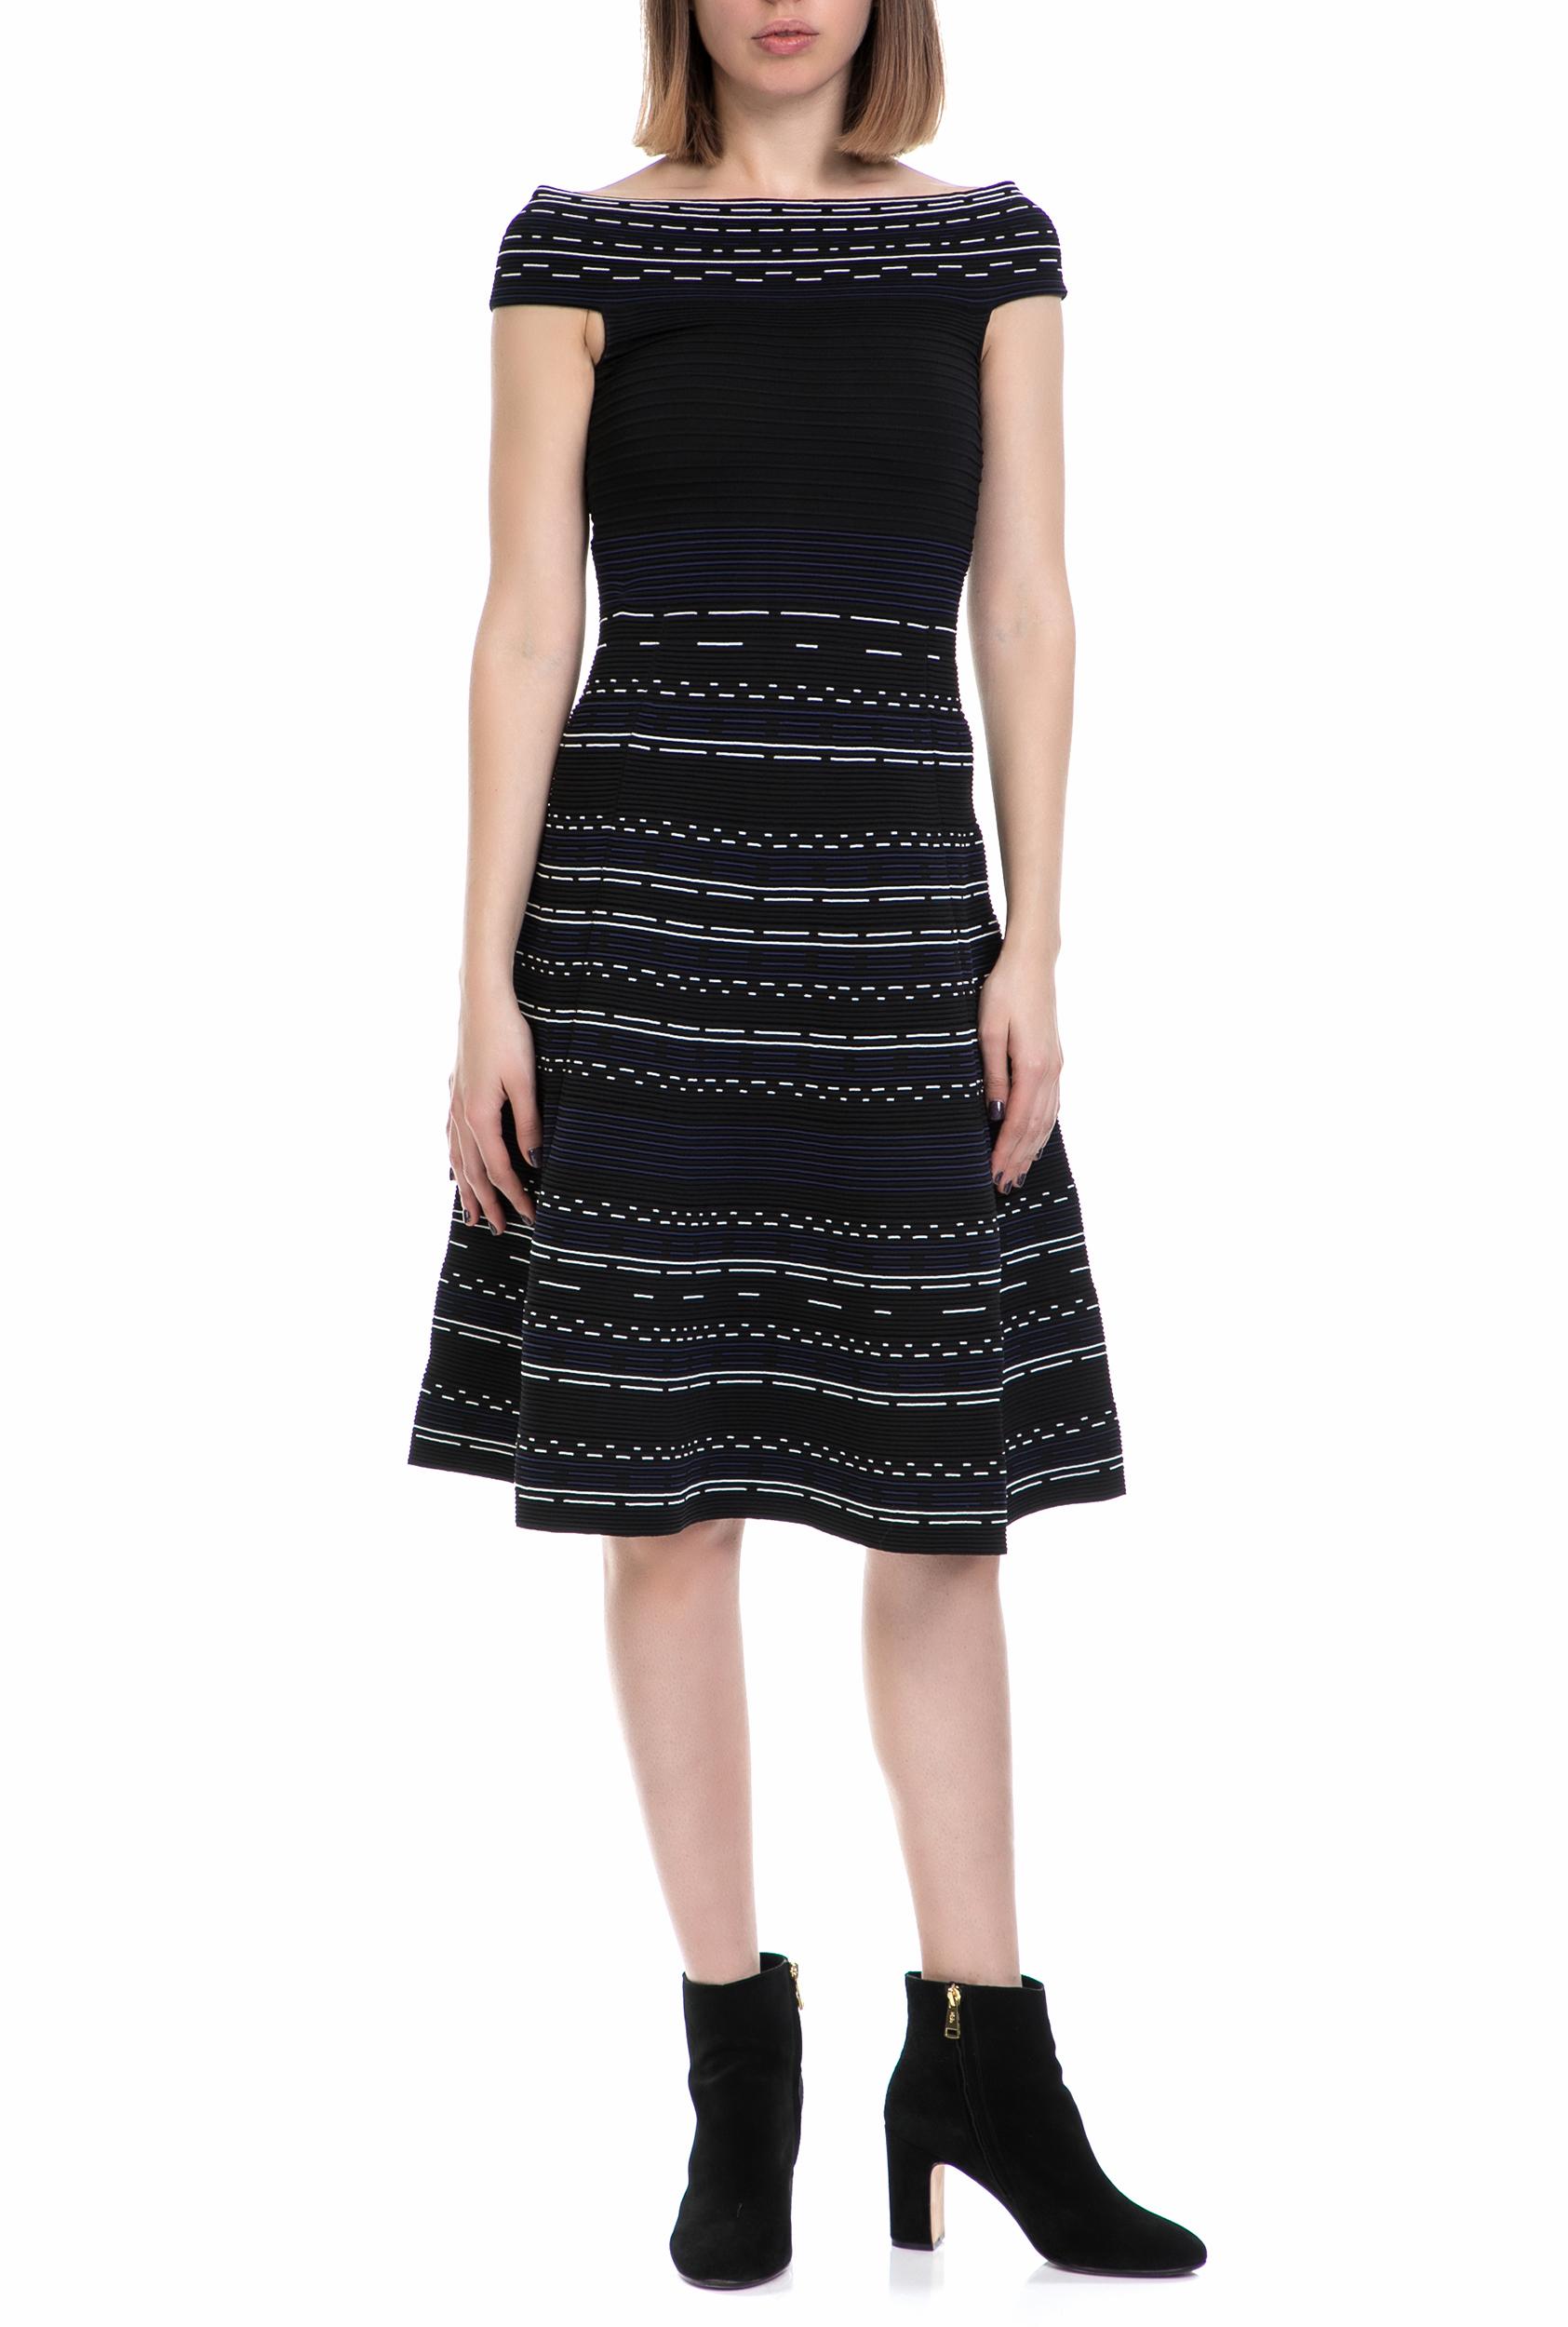 TED BAKER - Γυναικείο φόρεμα ROMARNI TED BAKER μαύρο γυναικεία ρούχα φορέματα μίνι